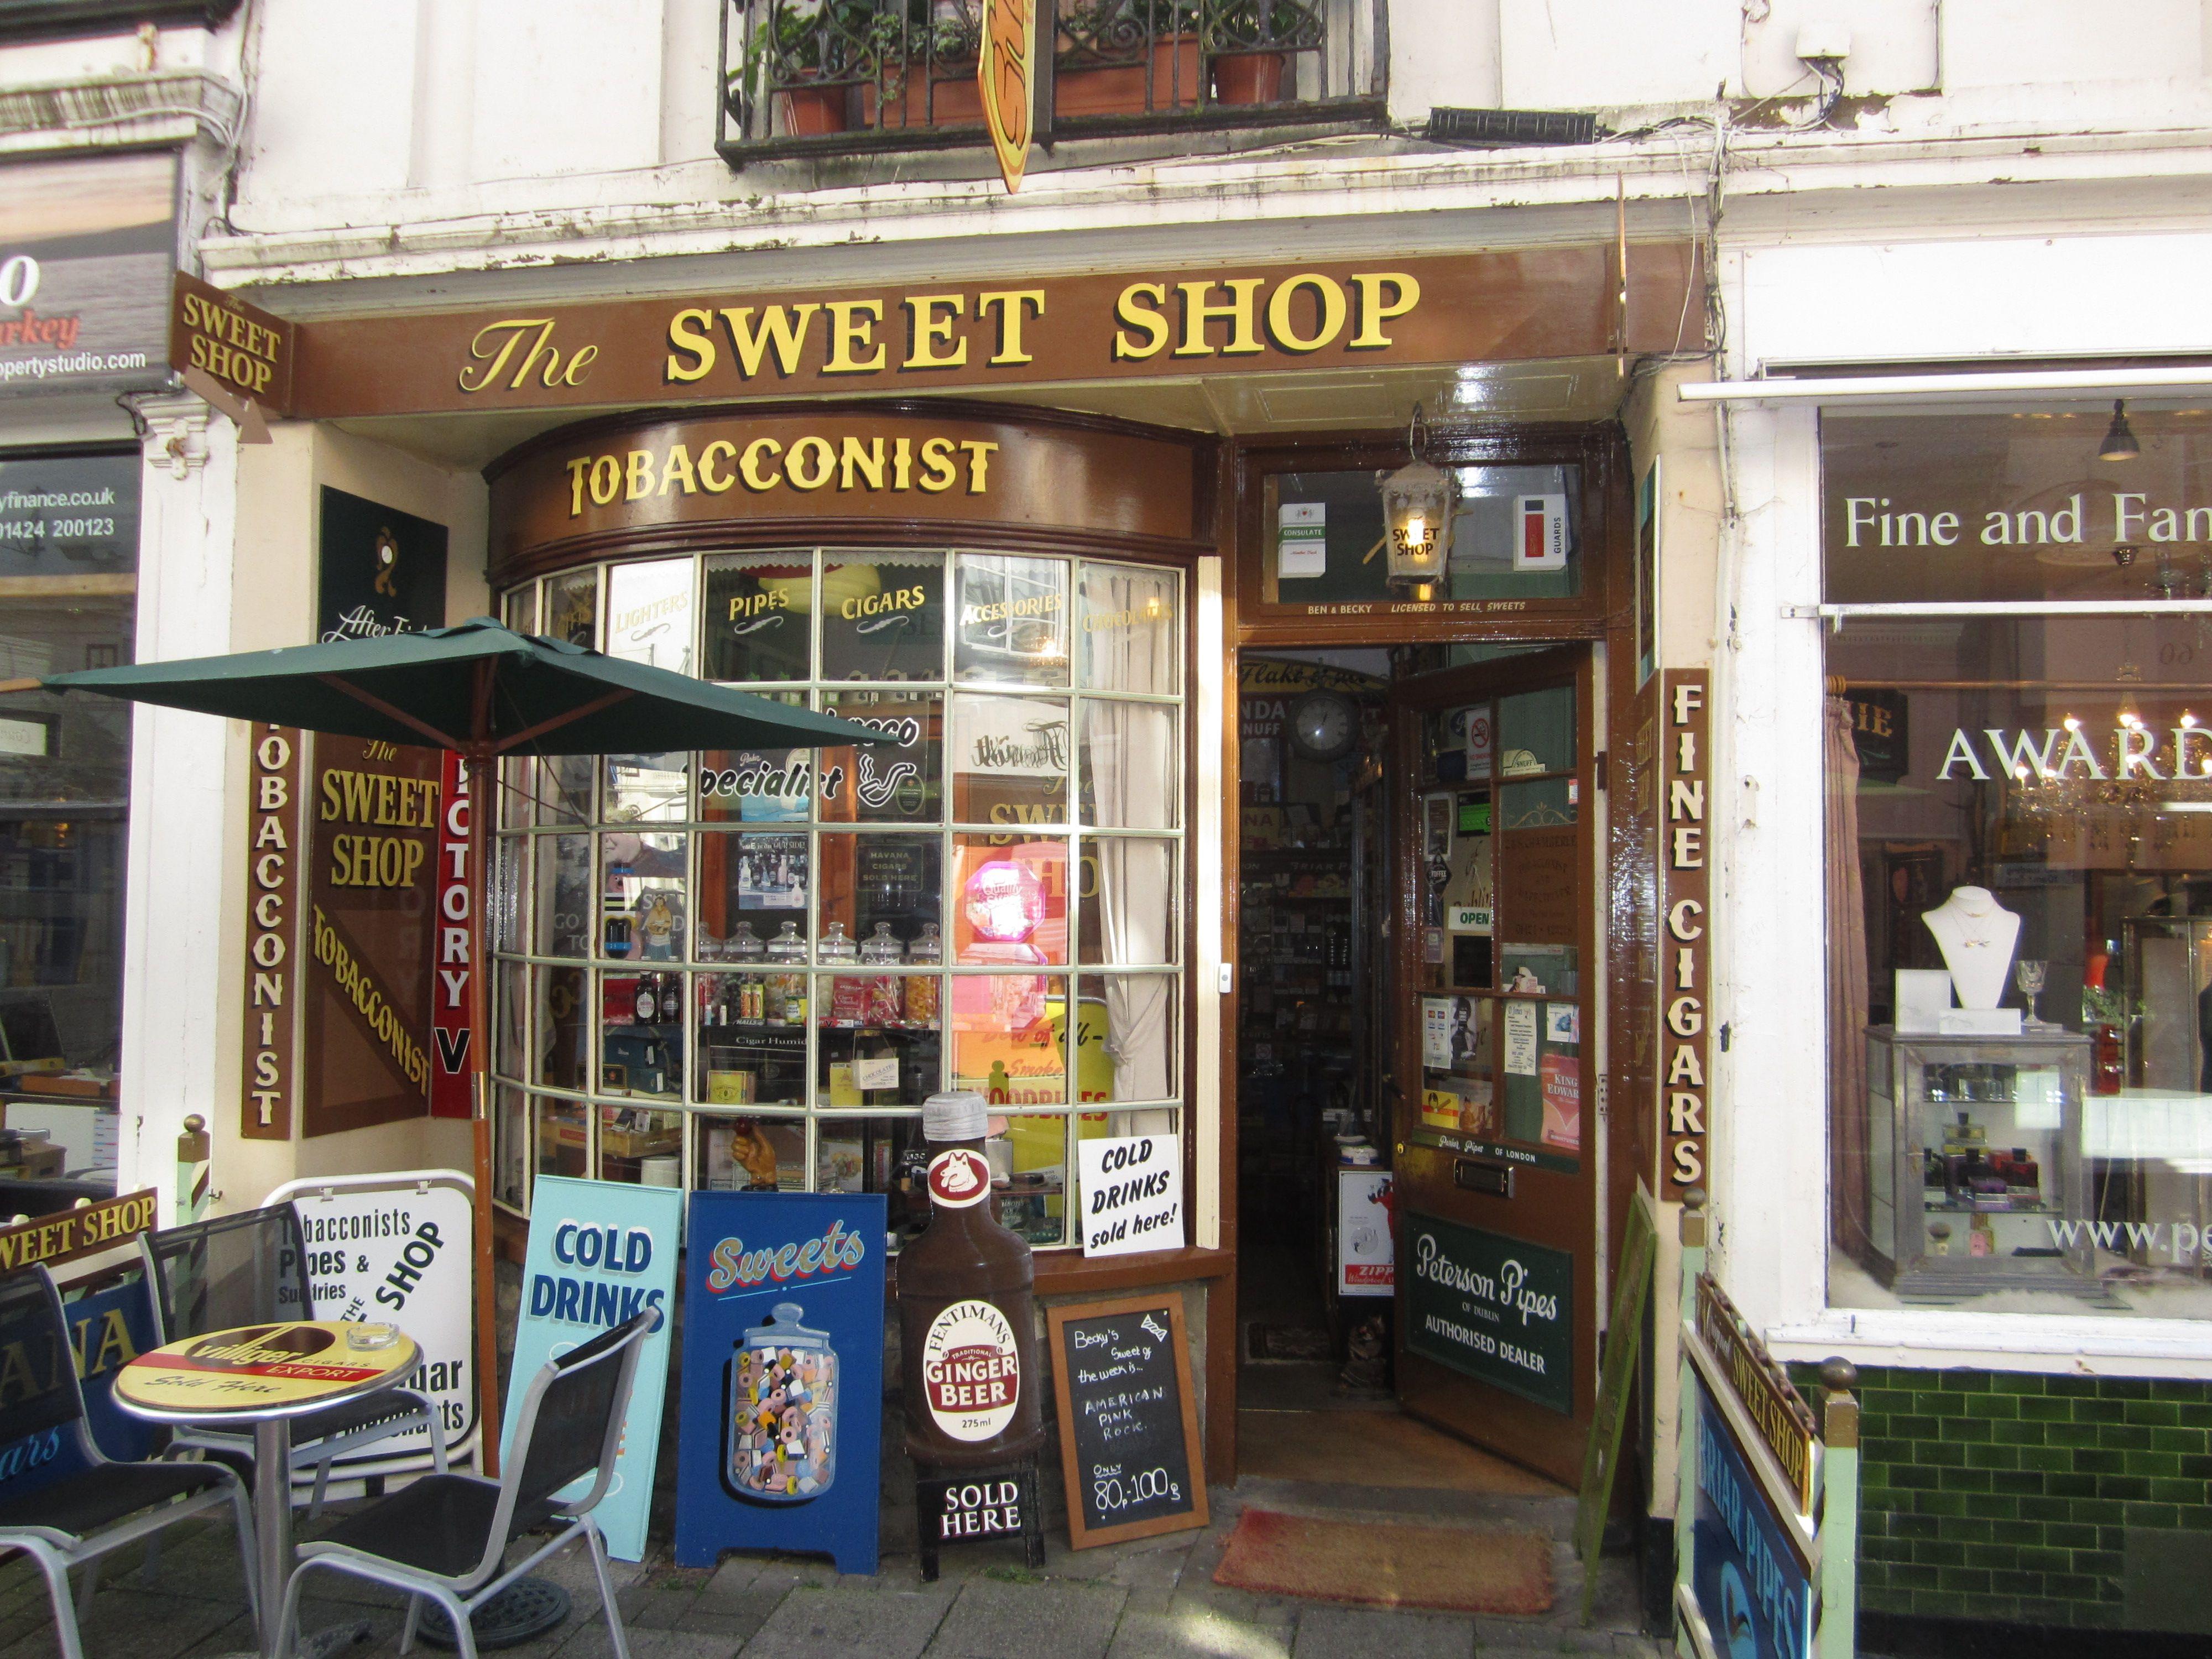 Sweaty shop